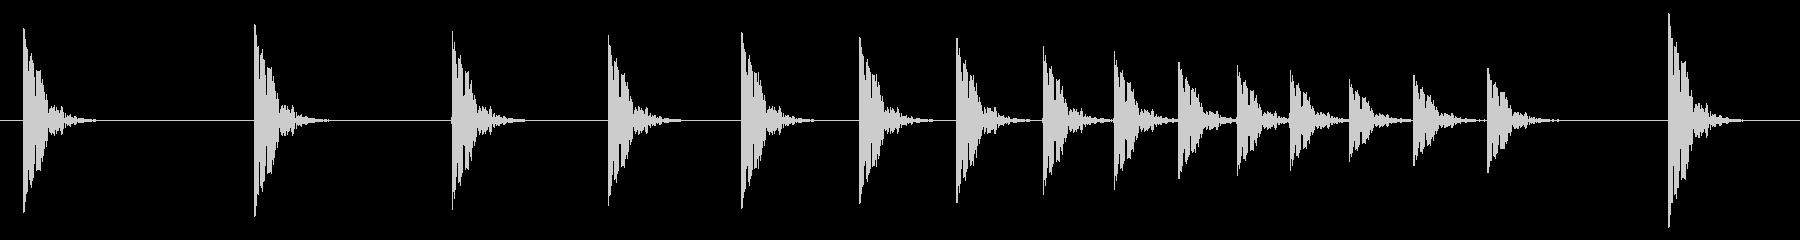 拍子木03-5の未再生の波形